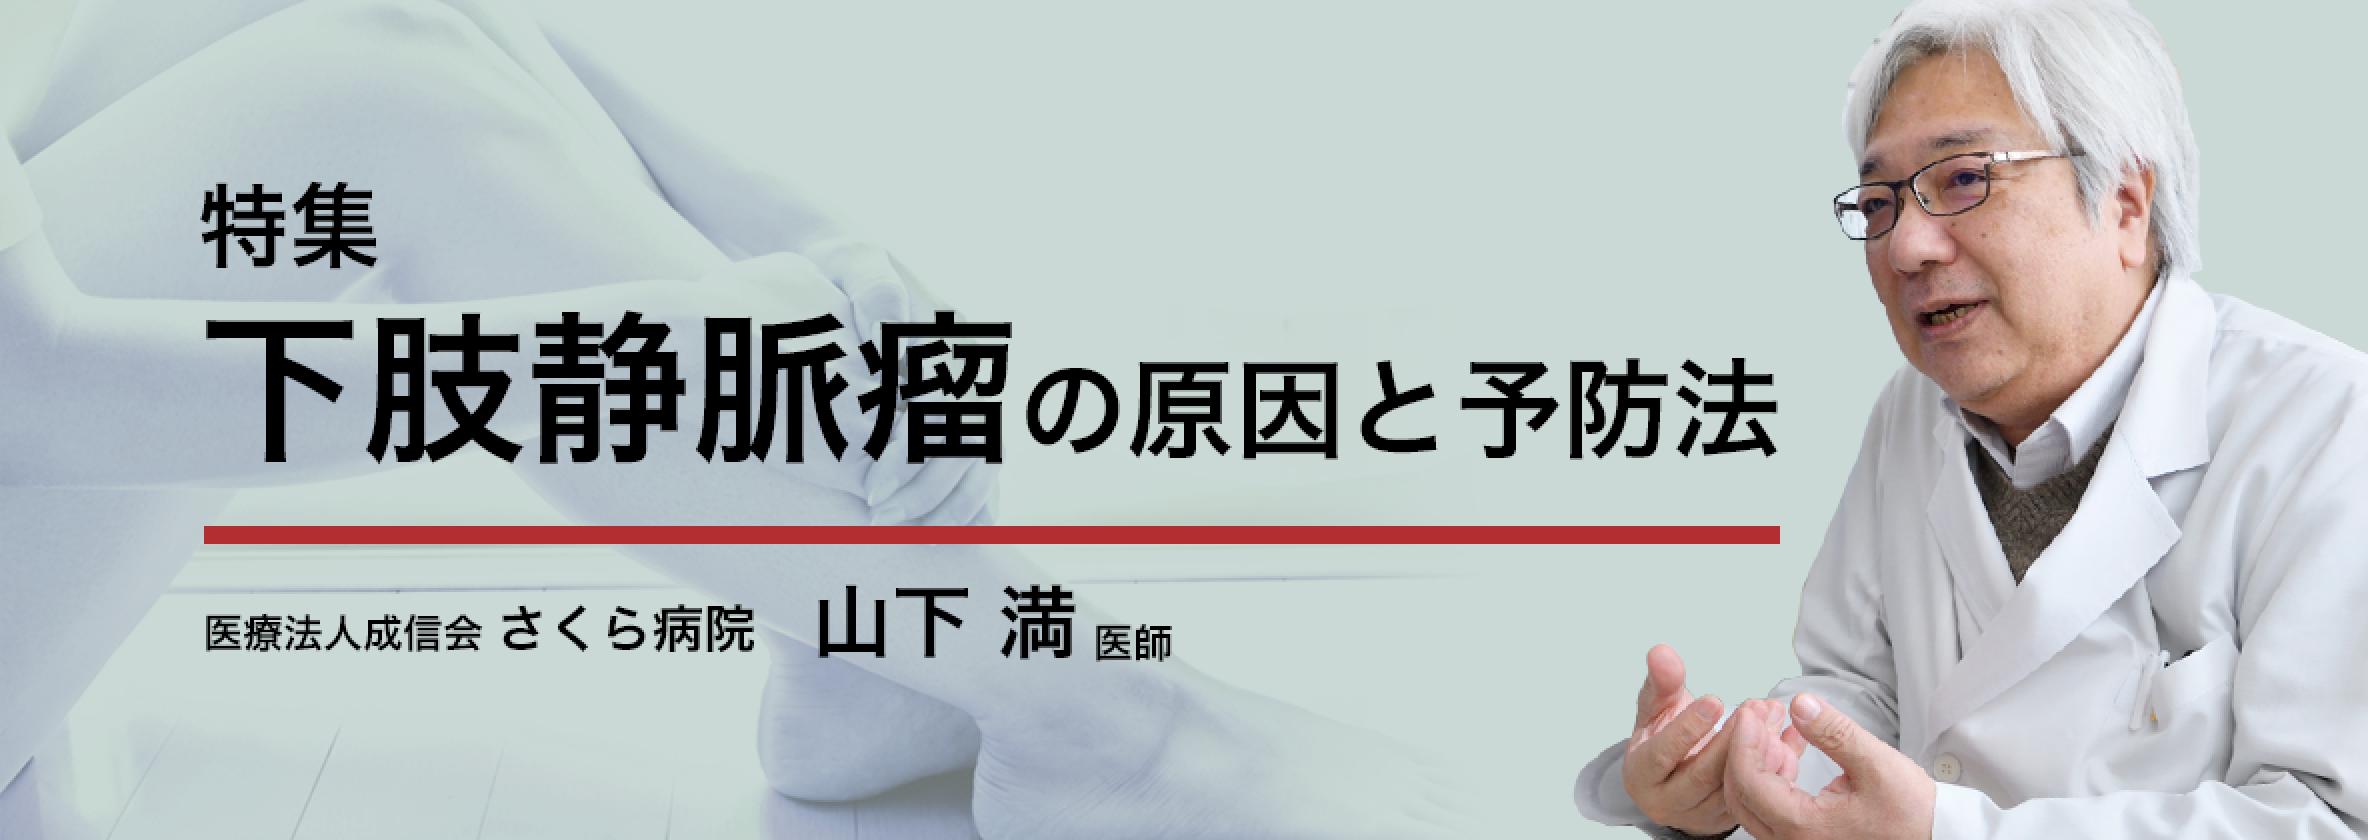 特集 下肢静脈瘤の原因と予防法